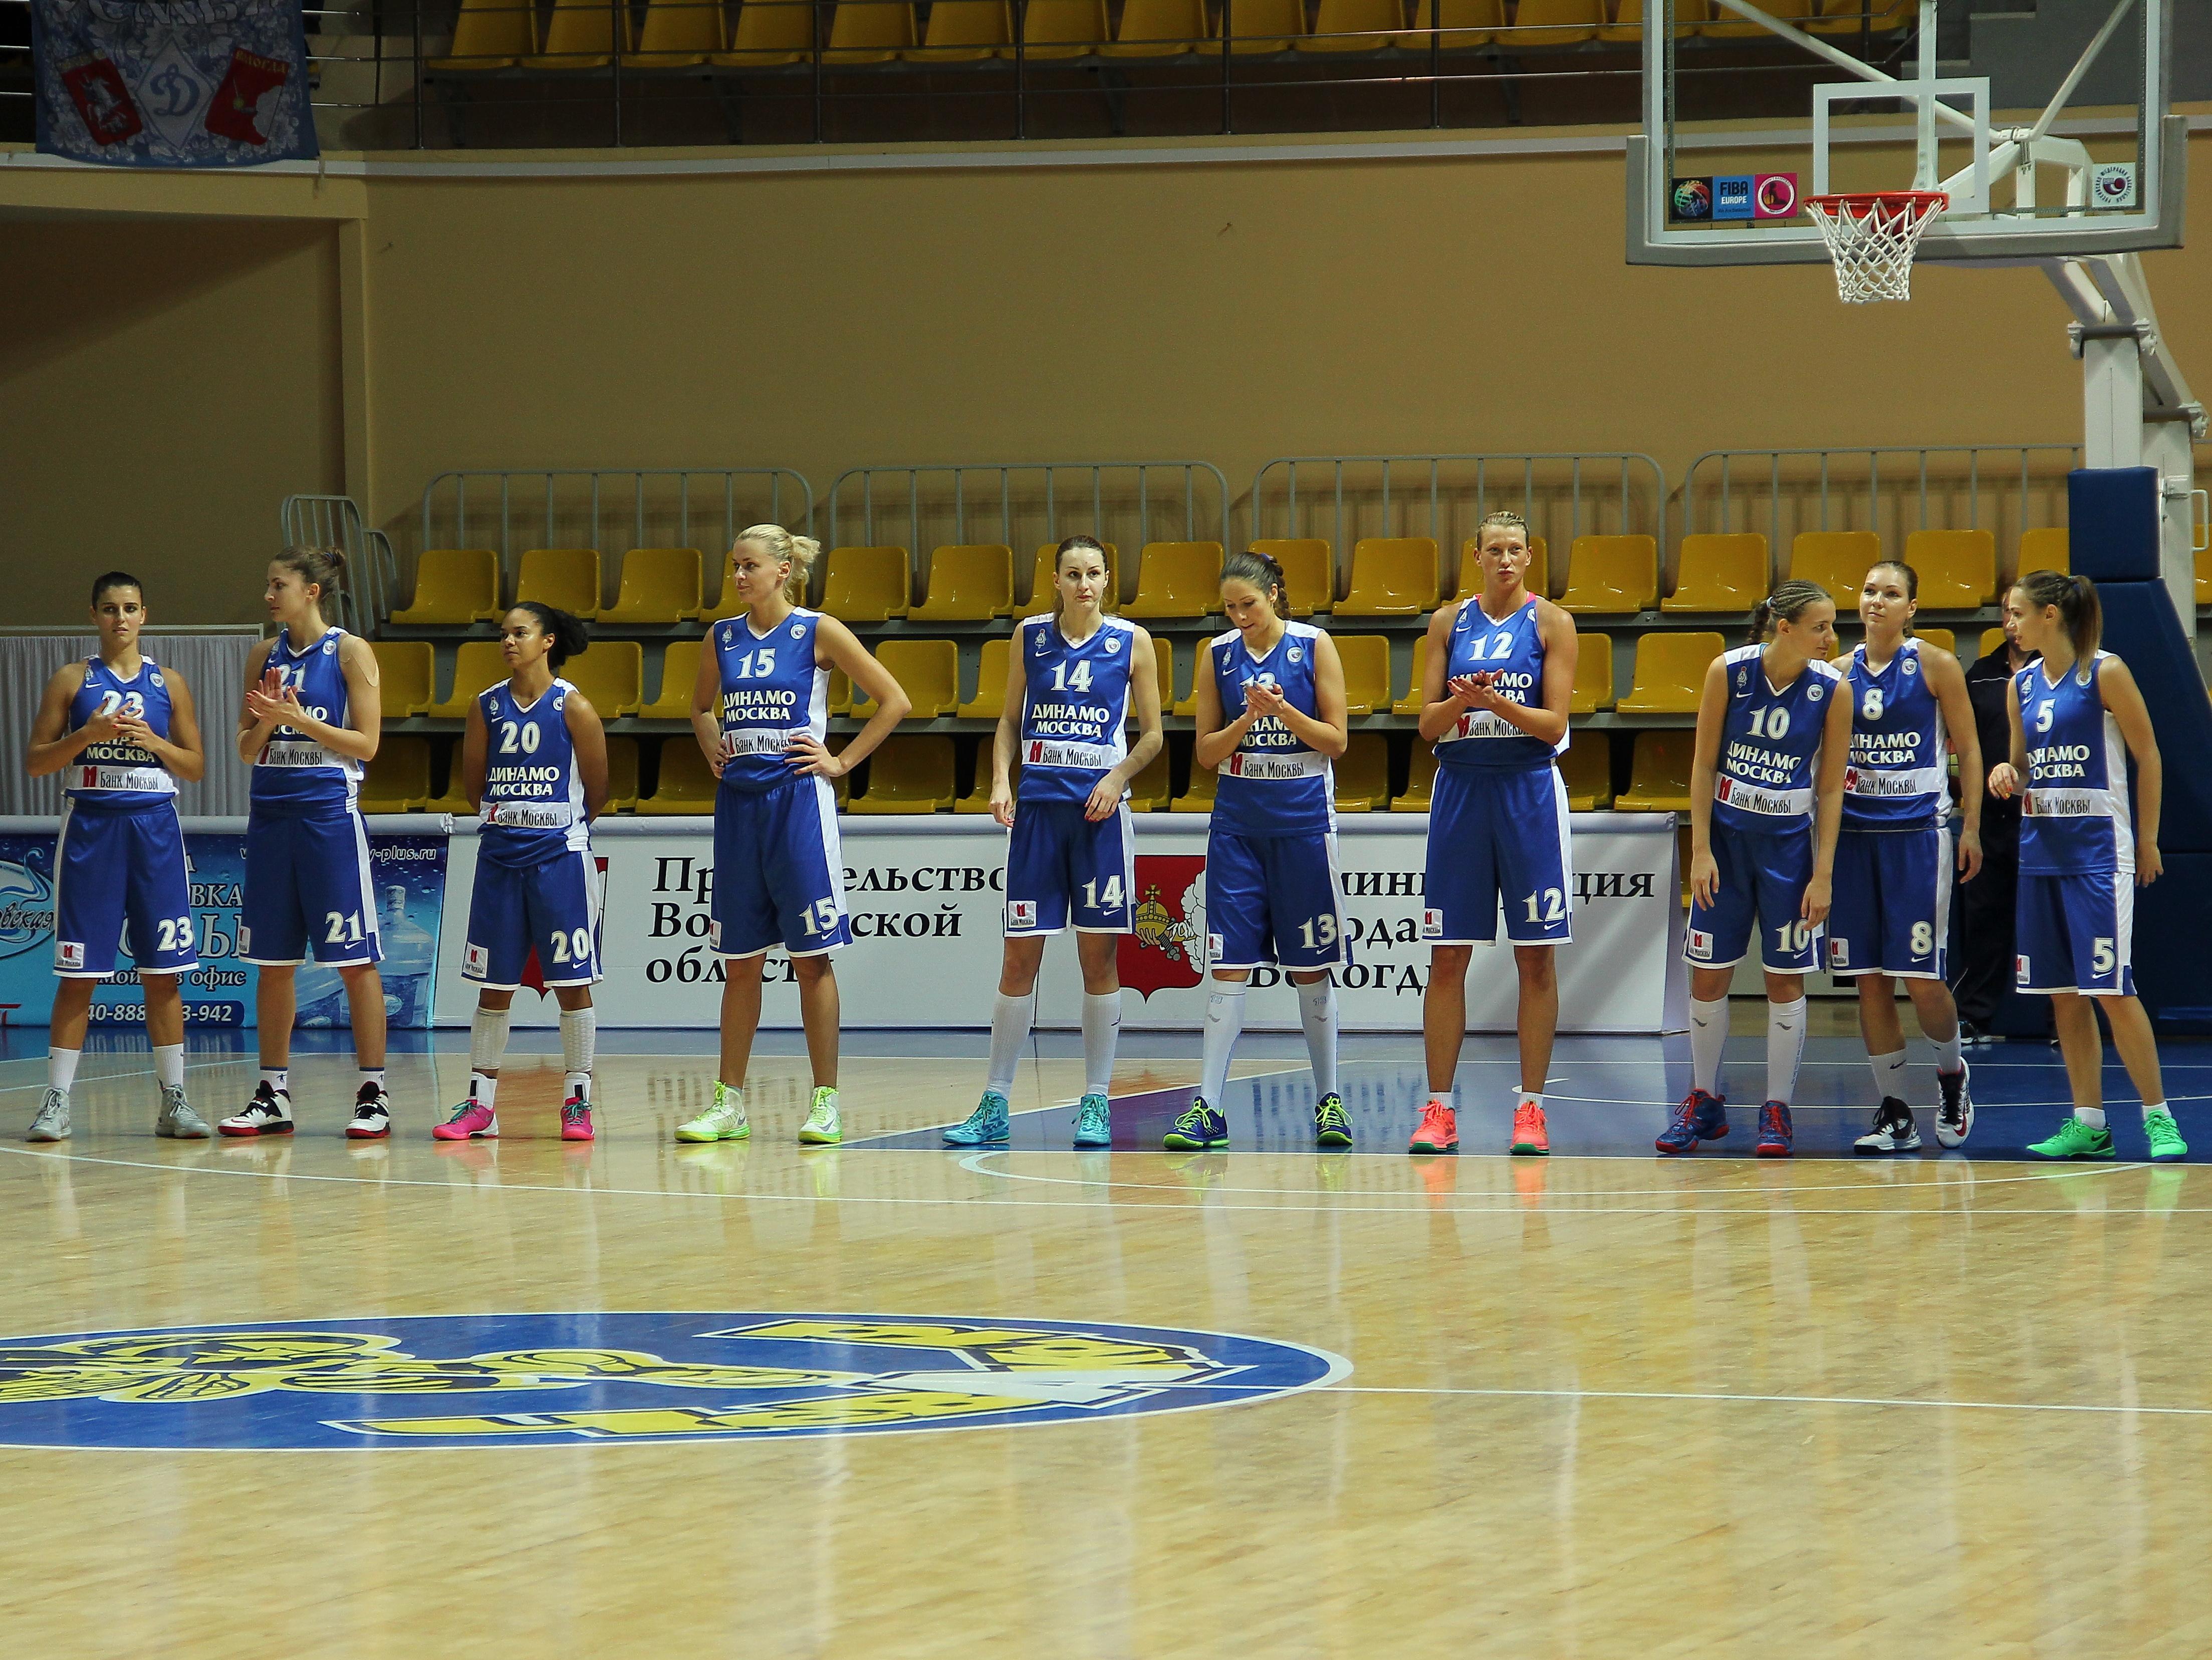 Баскетбольная клуб динамо москва ночной клуб г киров